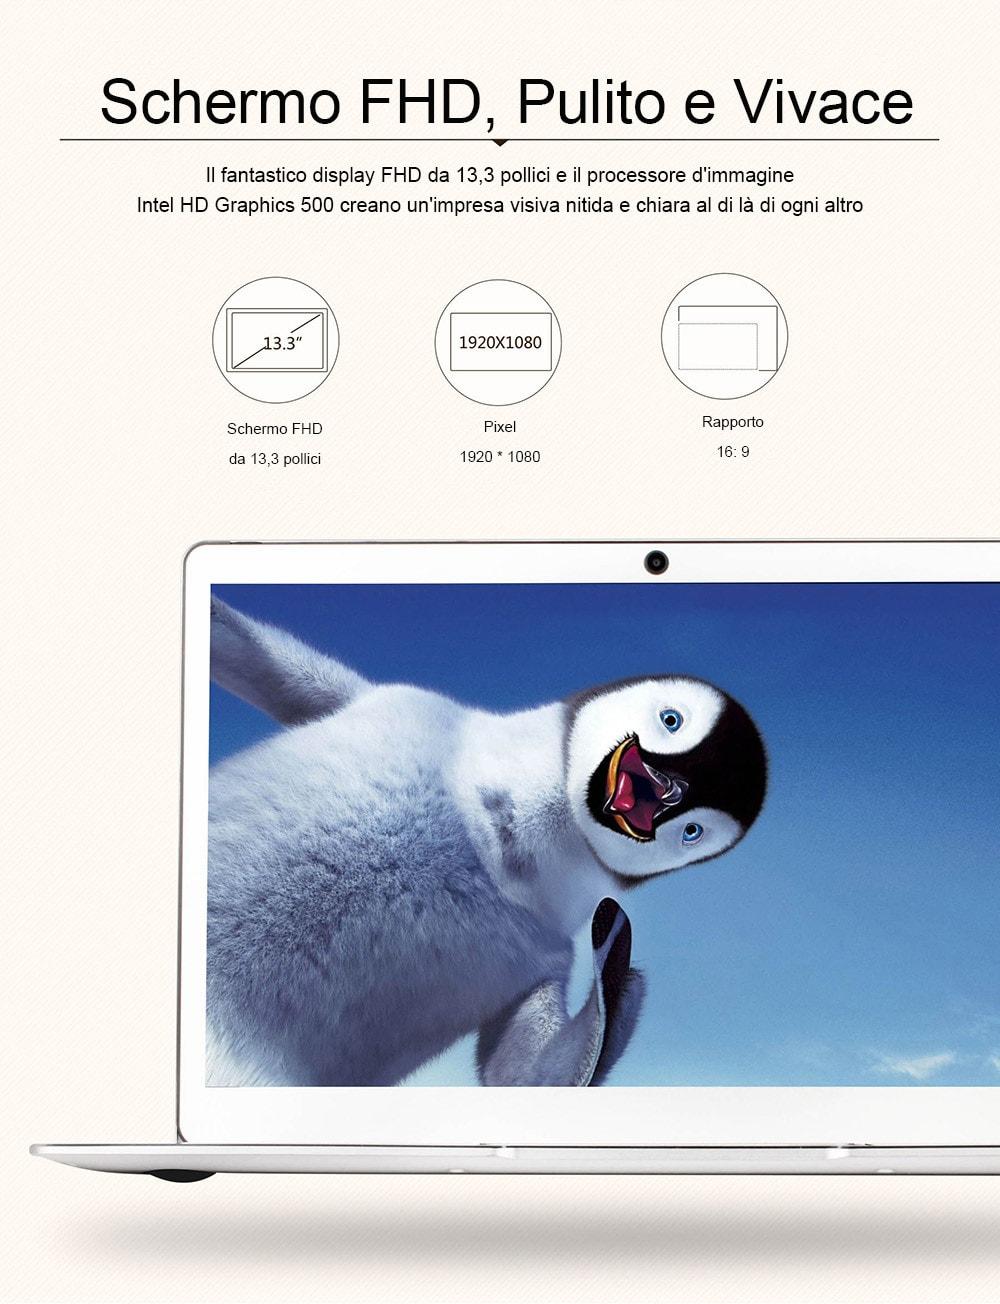 Jumper EZBOOK 3 PRO Tastiera italiana: 207€, il notebook cinese più venduto